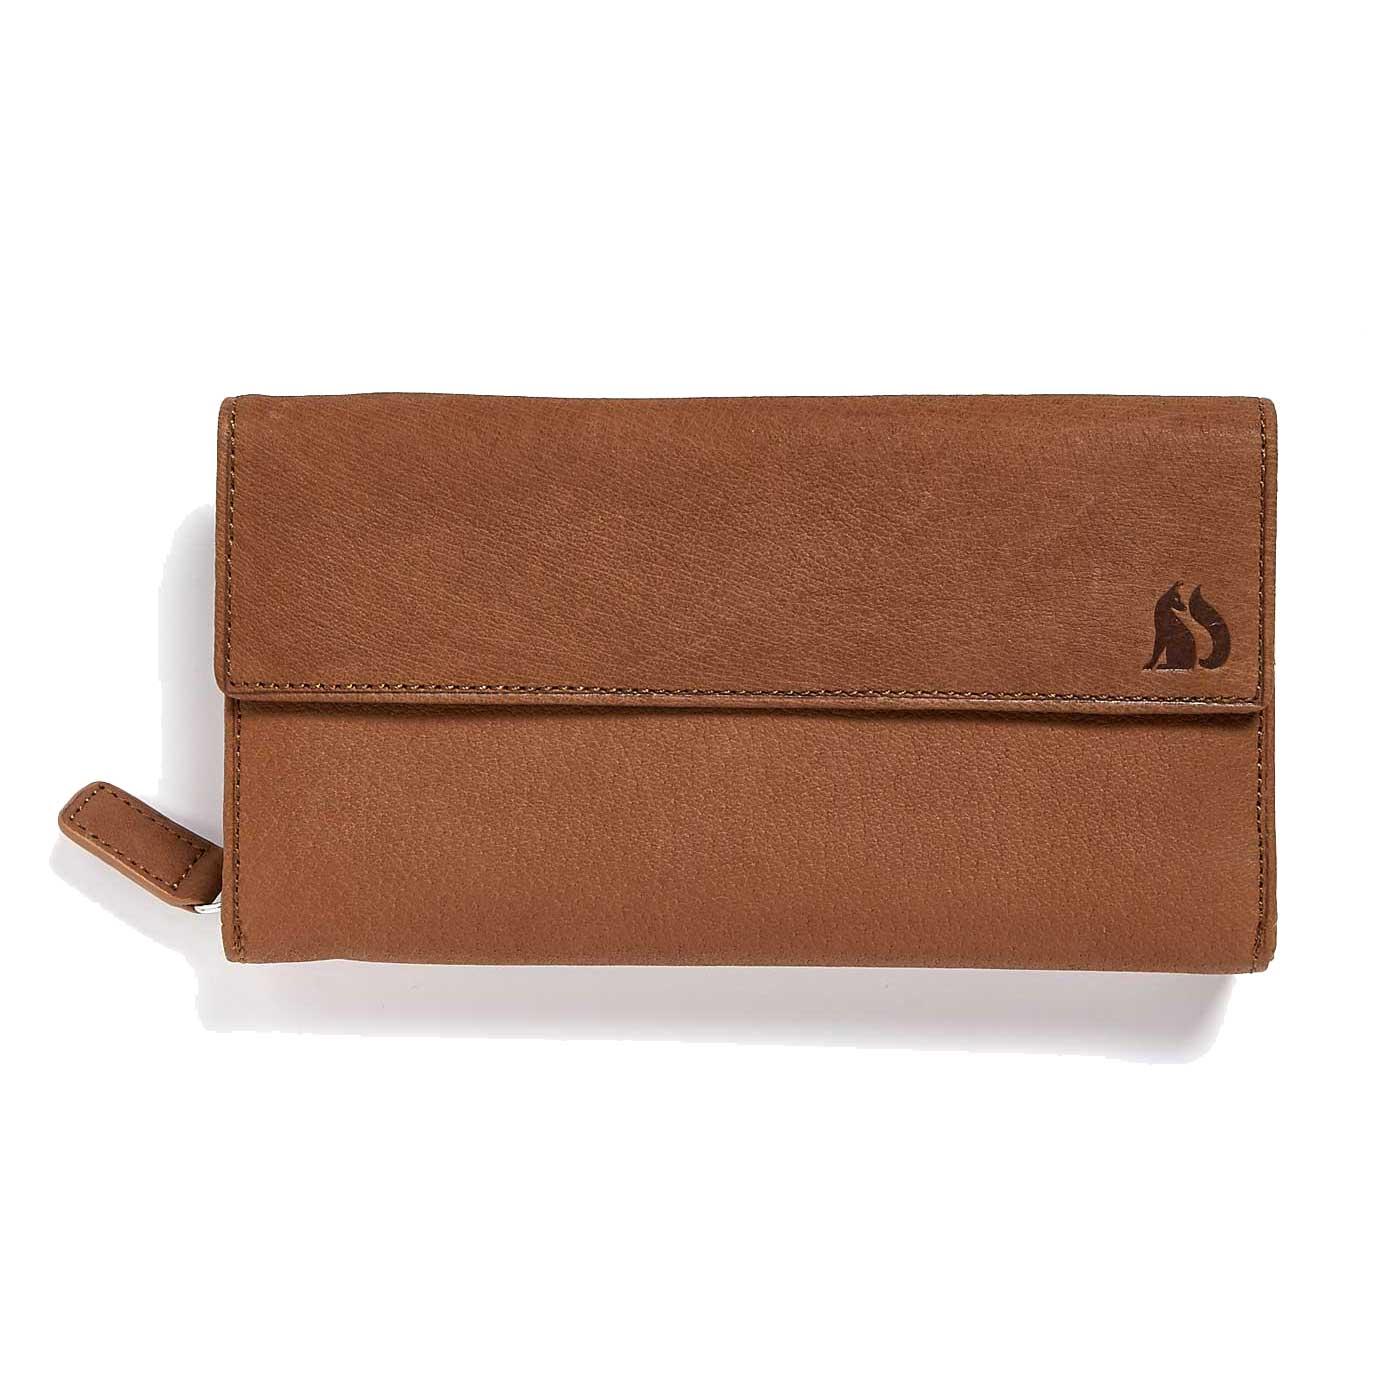 Grizedale Foxfield tan leather purse